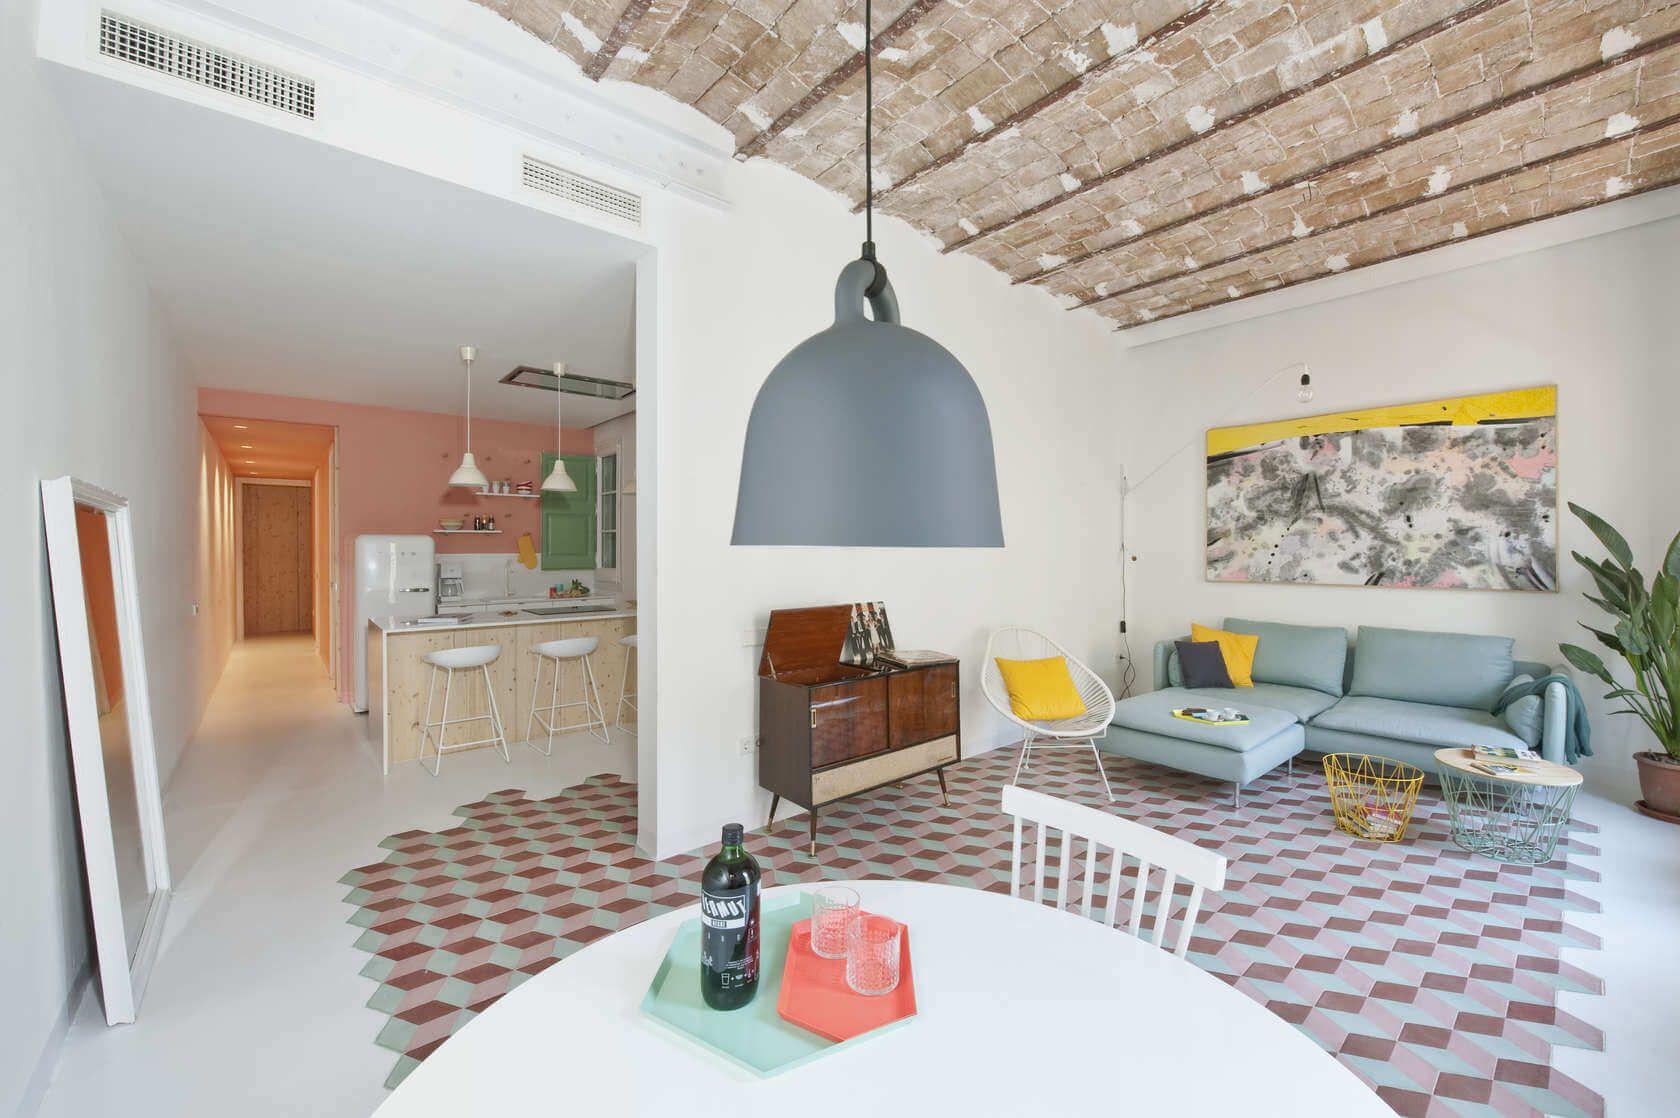 Innenarchitektur wohnzimmerfarbe tyche apartment by casa  interiors  pinterest  innenarchitektur